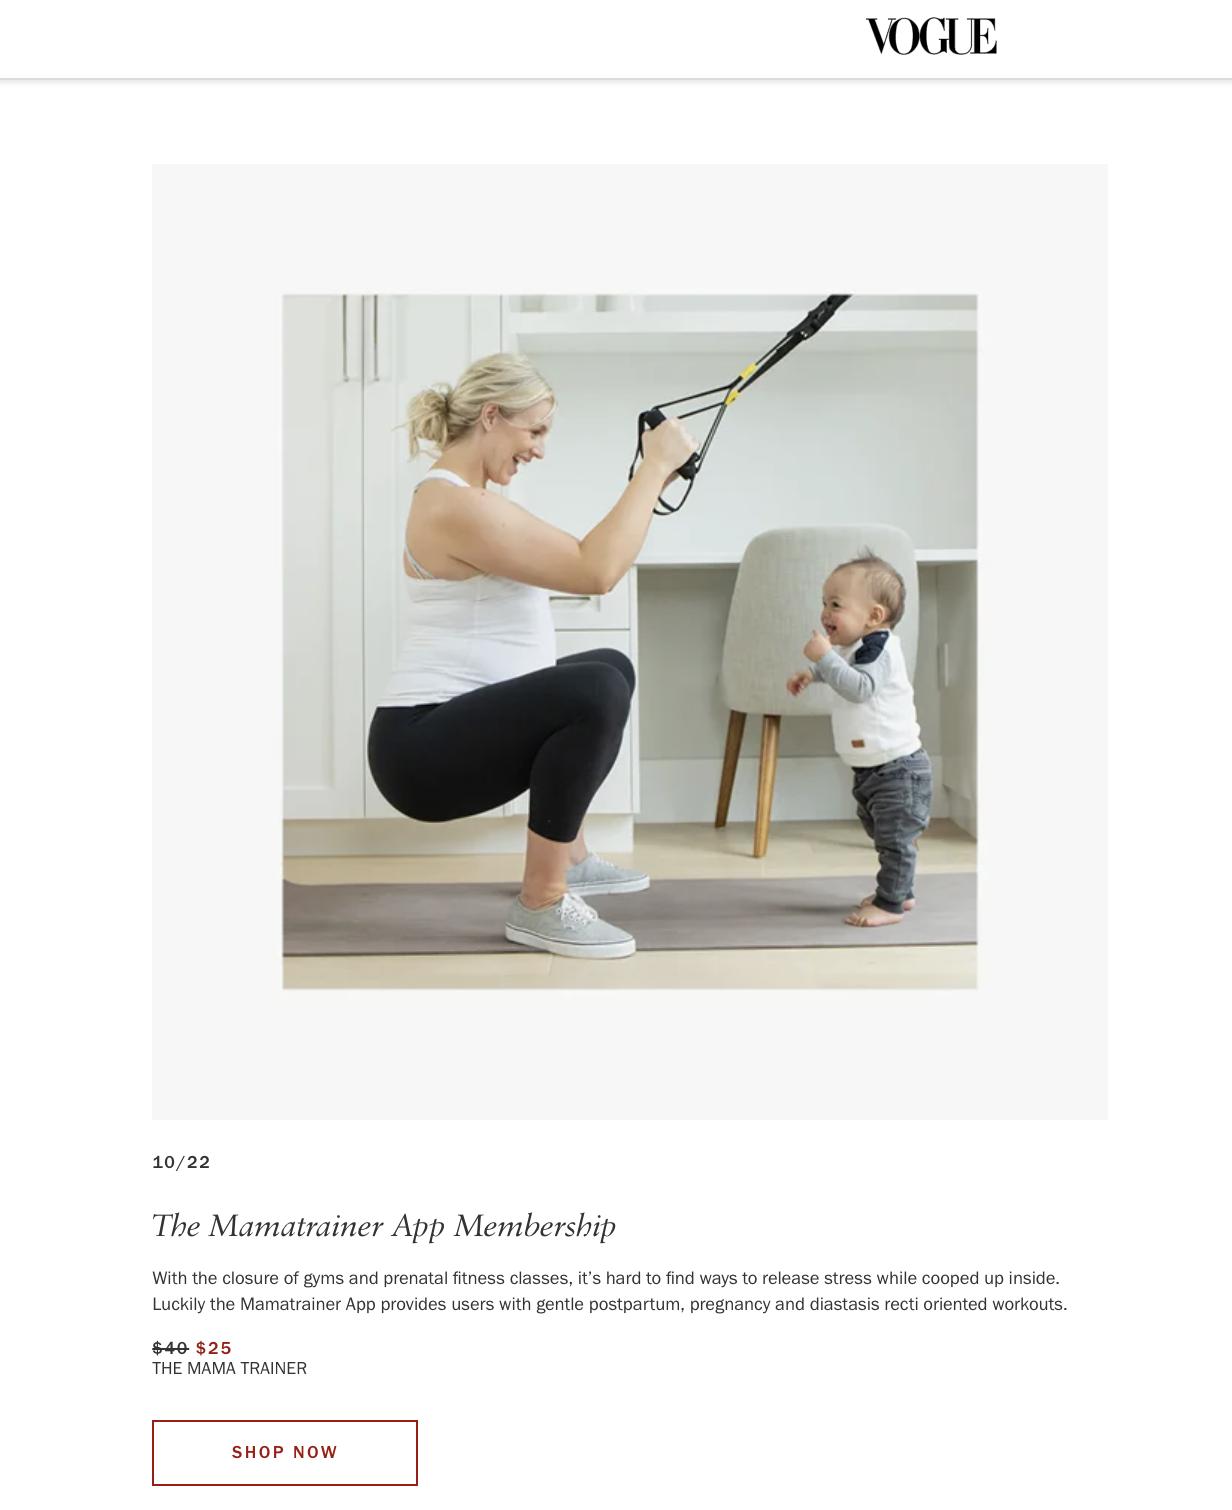 mamatrainer-app- legendary social media vancouver